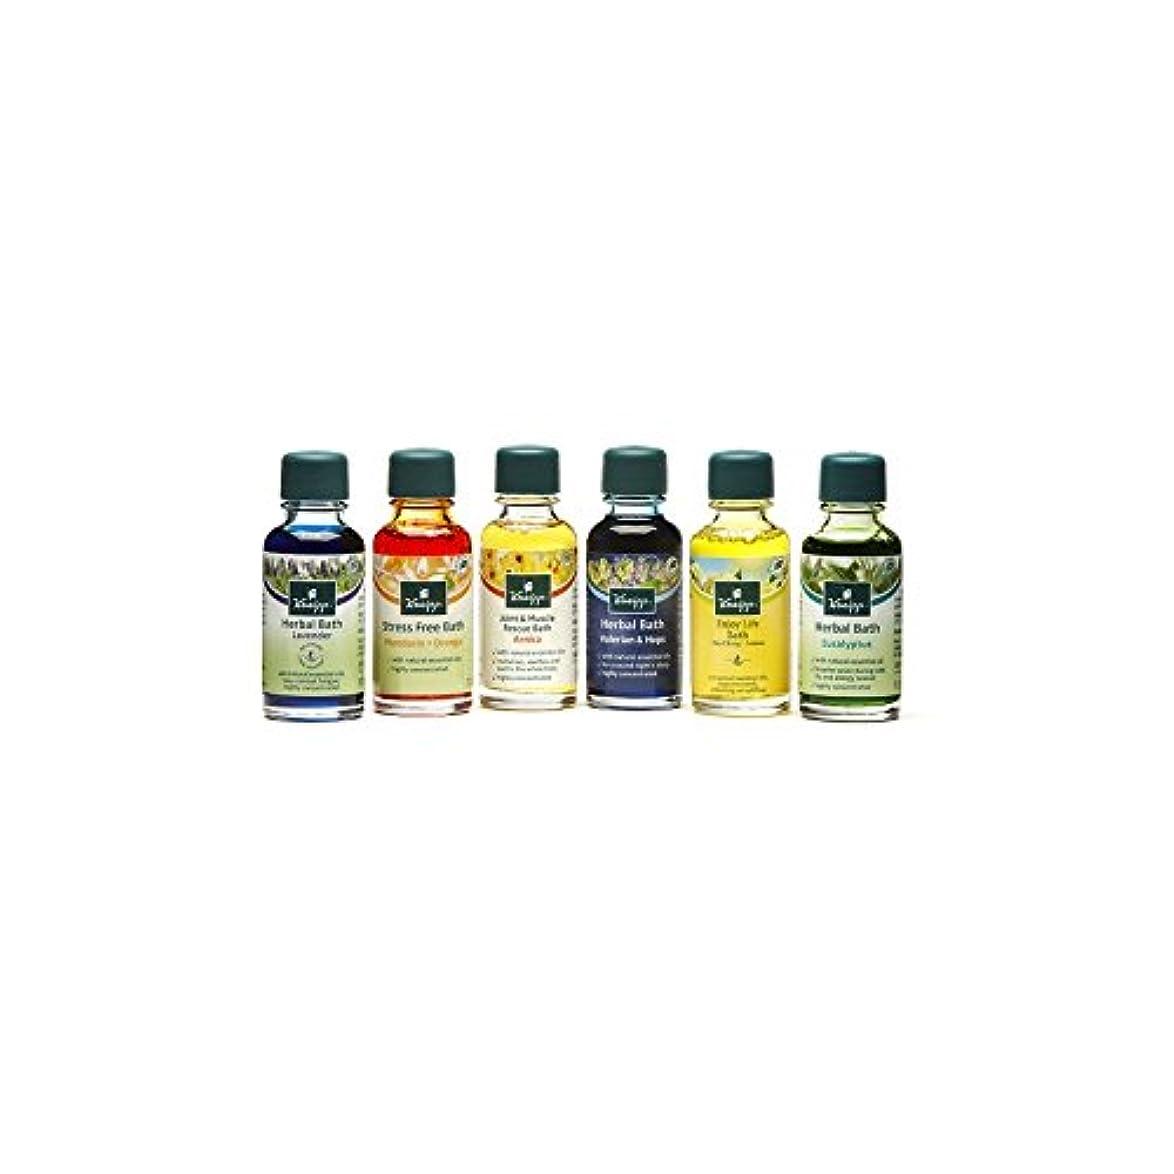 動物湿気の多い花嫁Kneipp Bath Oil Collection (6 x 20ml) - クナイプバスオイルコレクション(6×20ミリリットル) [並行輸入品]